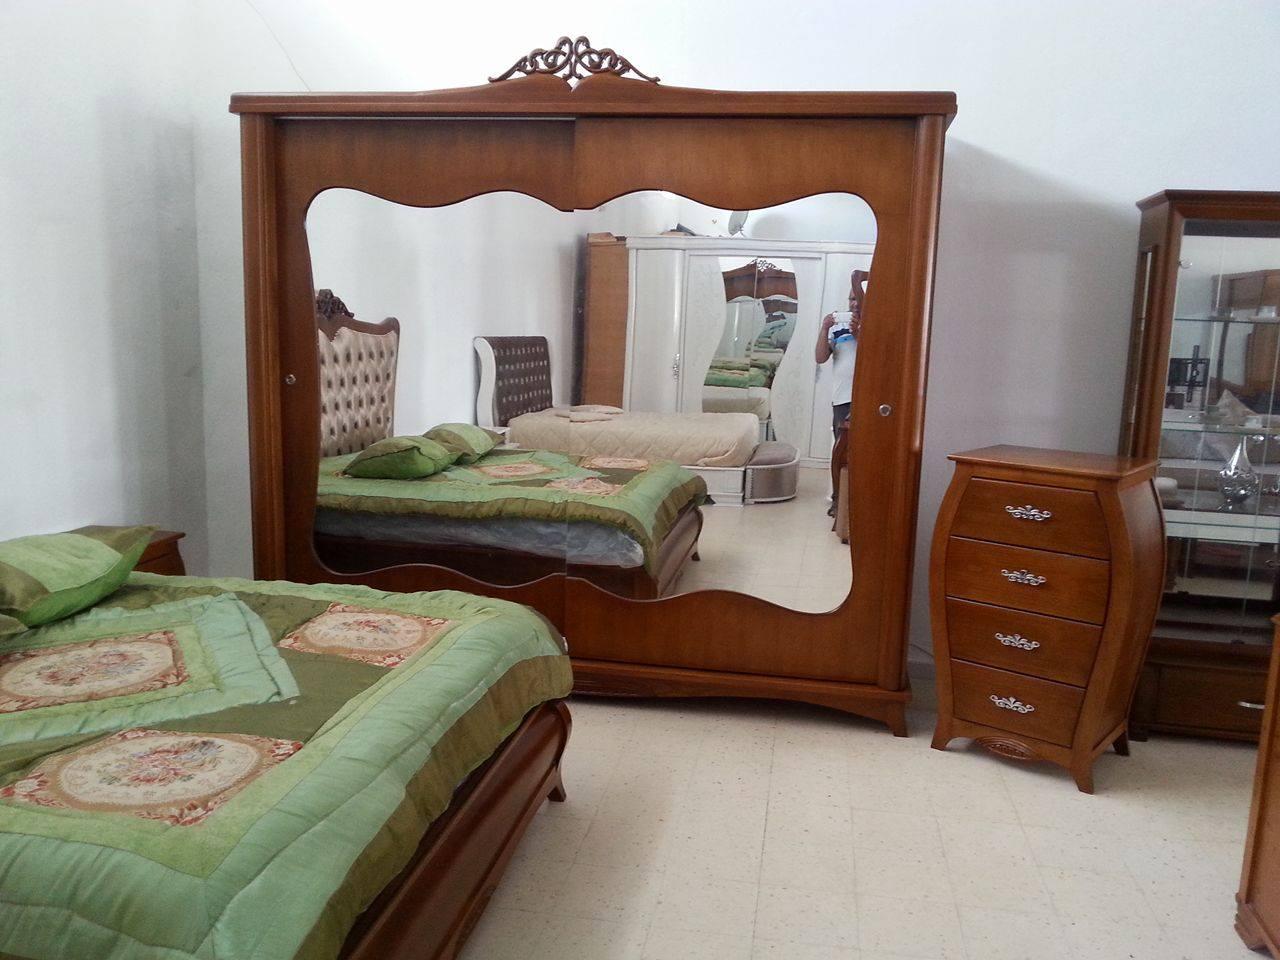 Tej meubles et d coration tunisie for Deco meuble tunisie